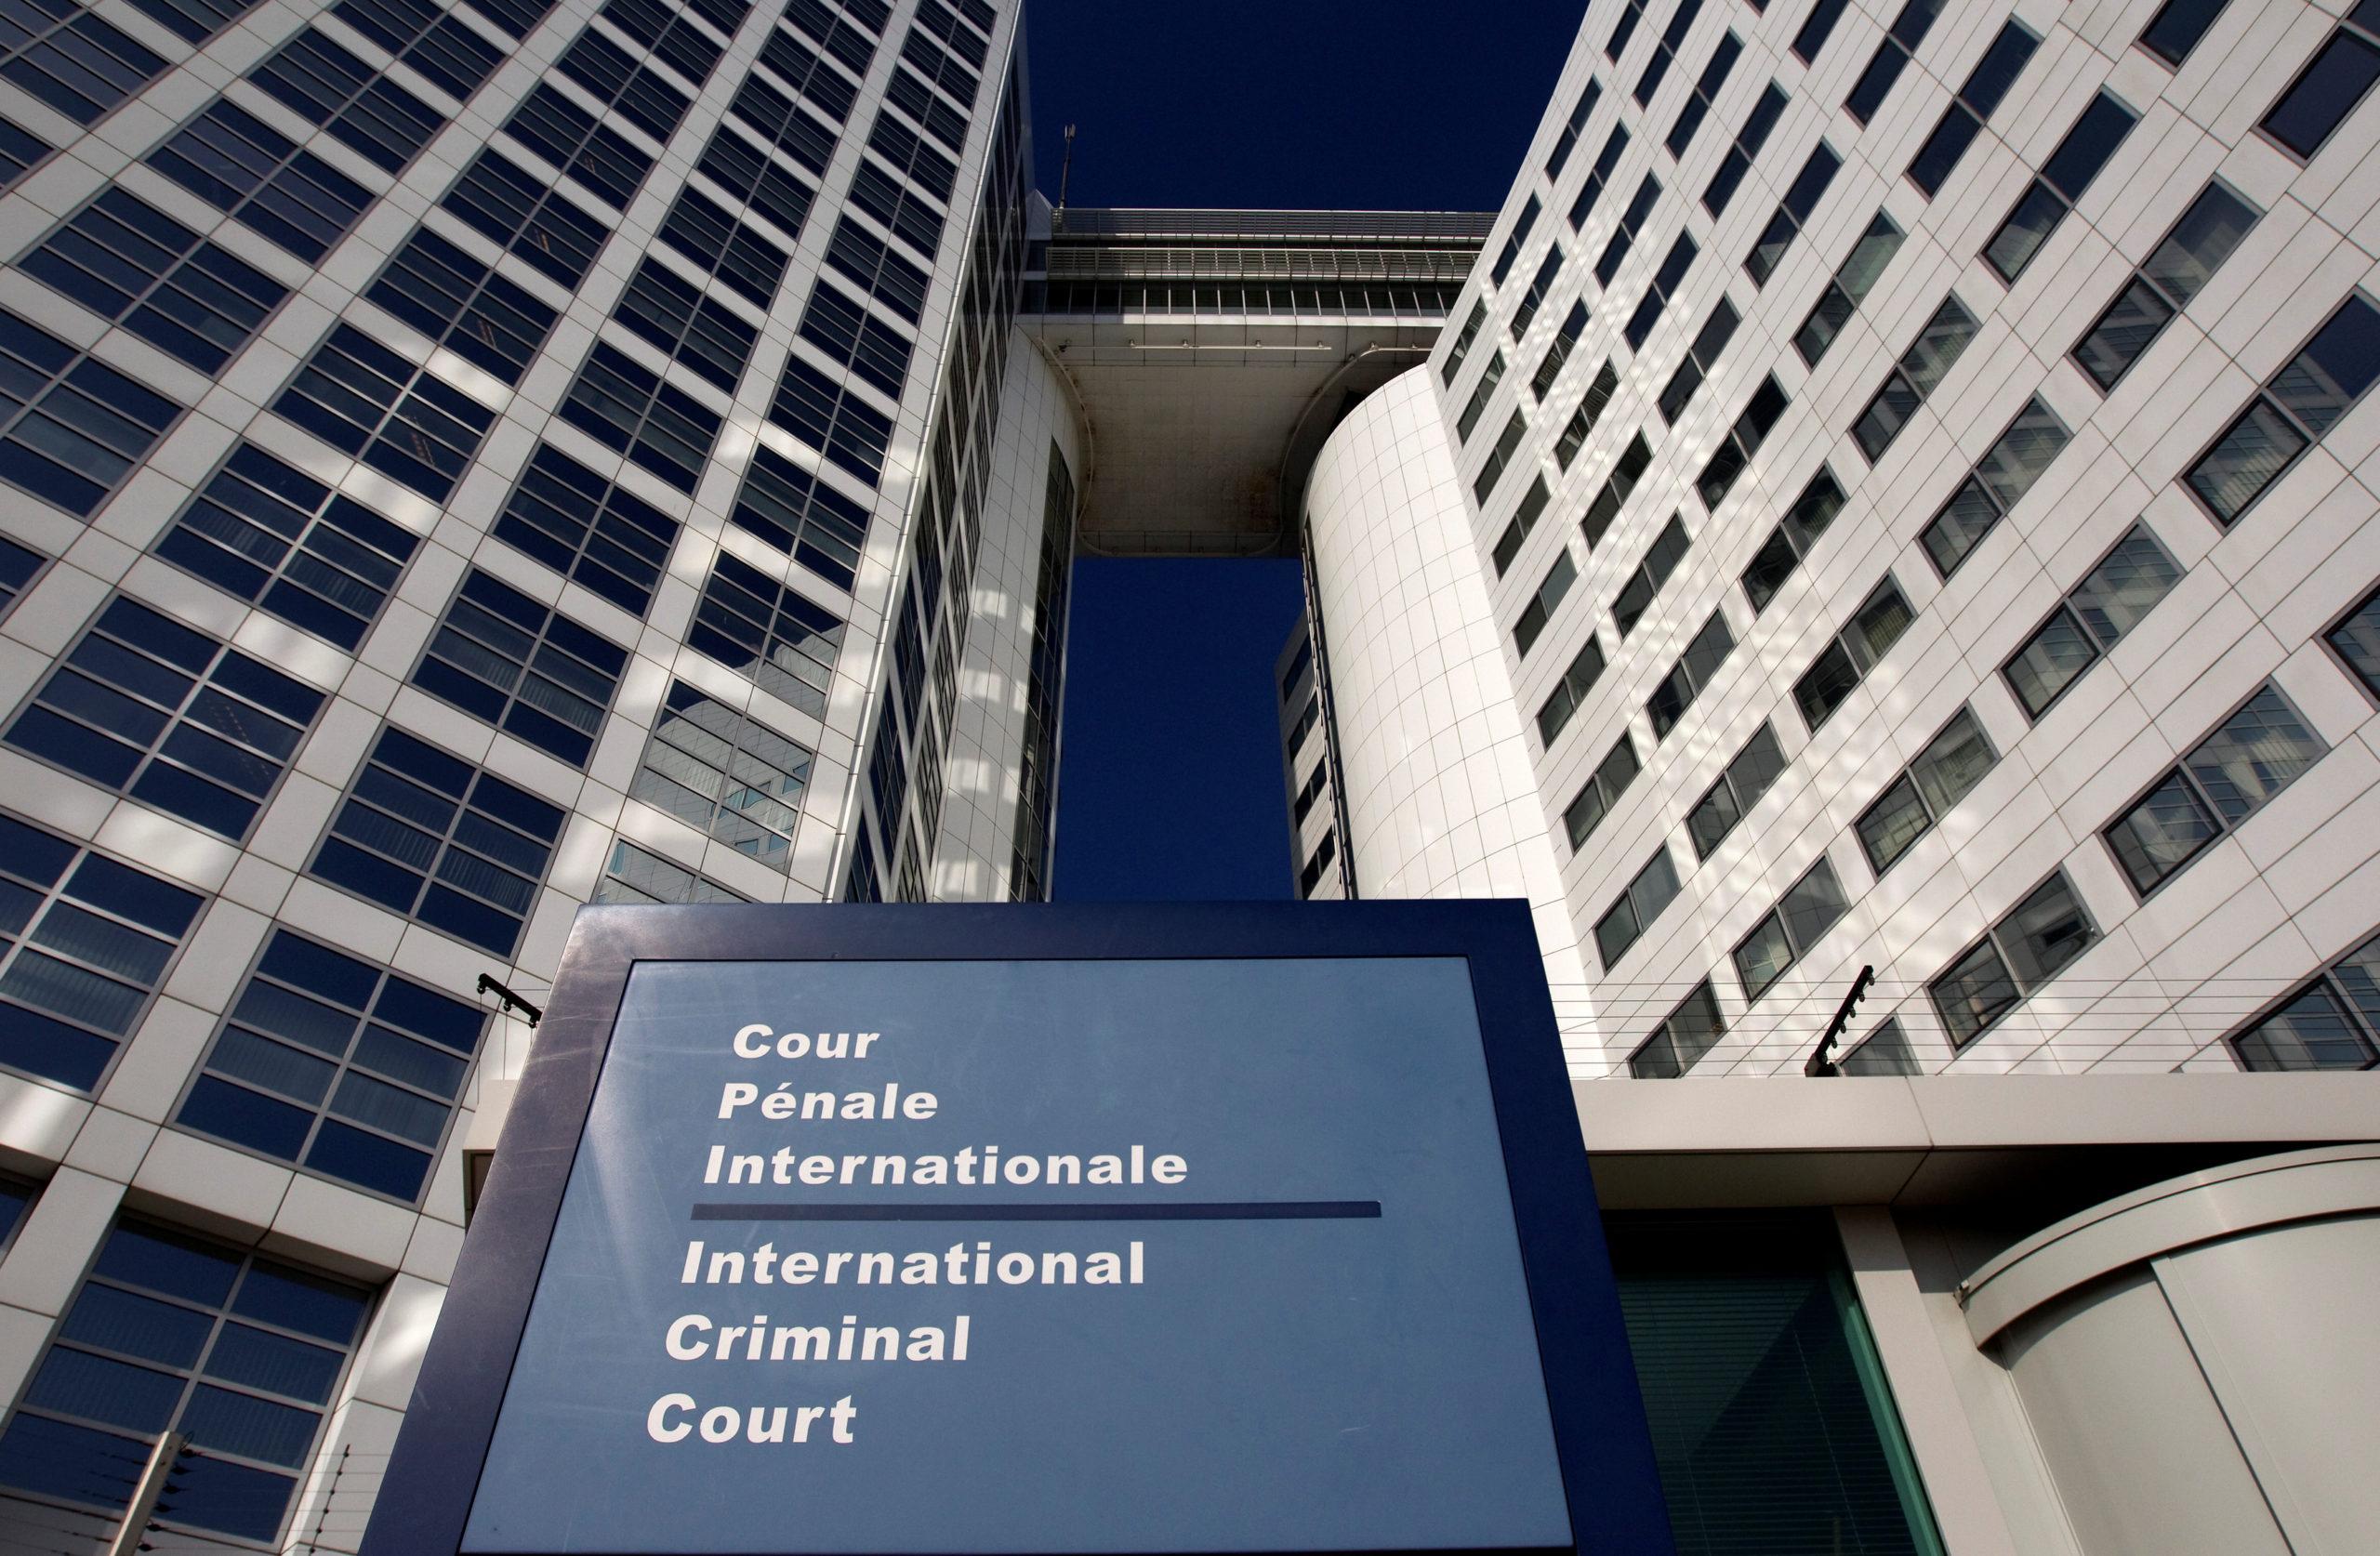 La Cour pénale internationale (CPI) a donné son aval jeudi à l'ouverture d'une enquête sur les crimes commis aux dépens de la minorité Rohingya en Birmanie. /Photo d'archives/REUTERS/Jerry Lampen